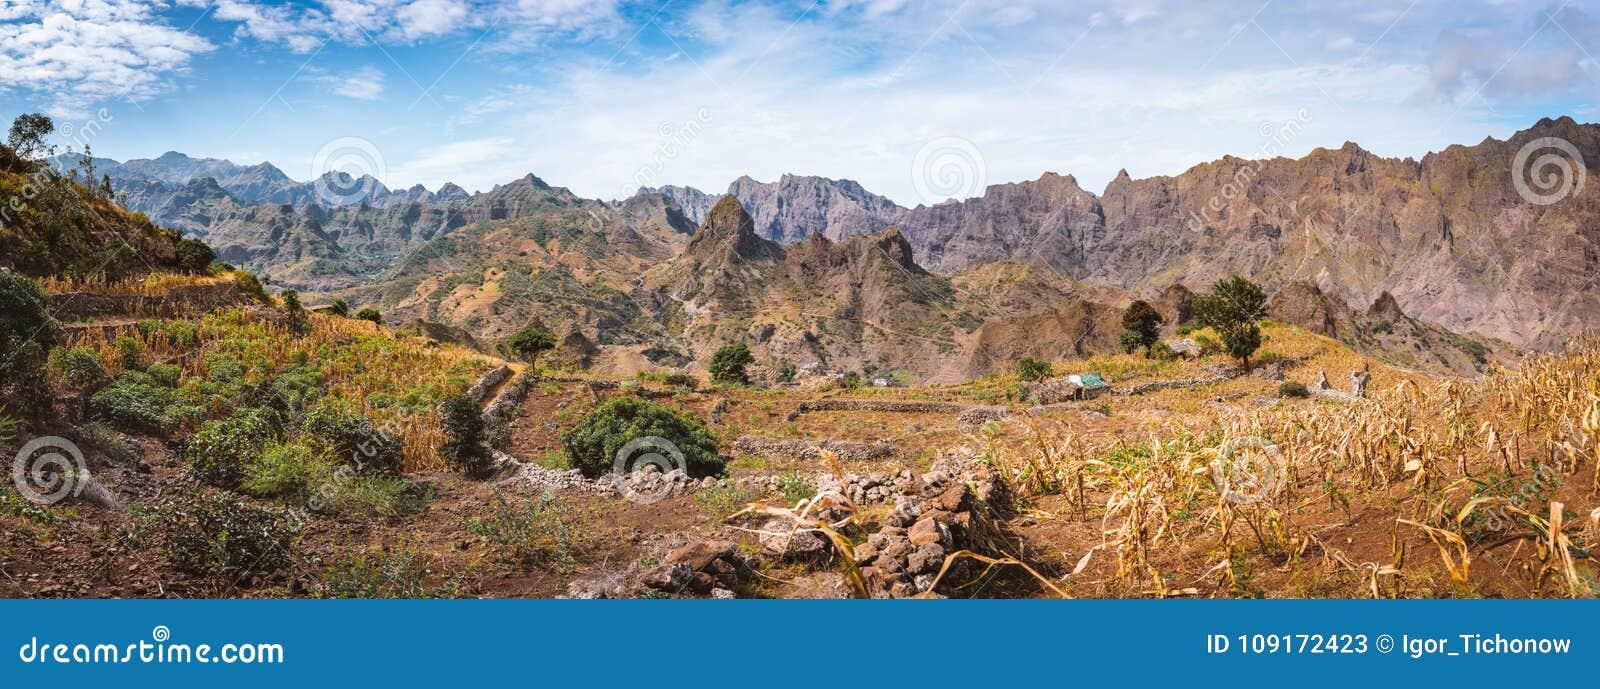 Opinión Magnífica Del Panorama De Los Campos Del Cultivo